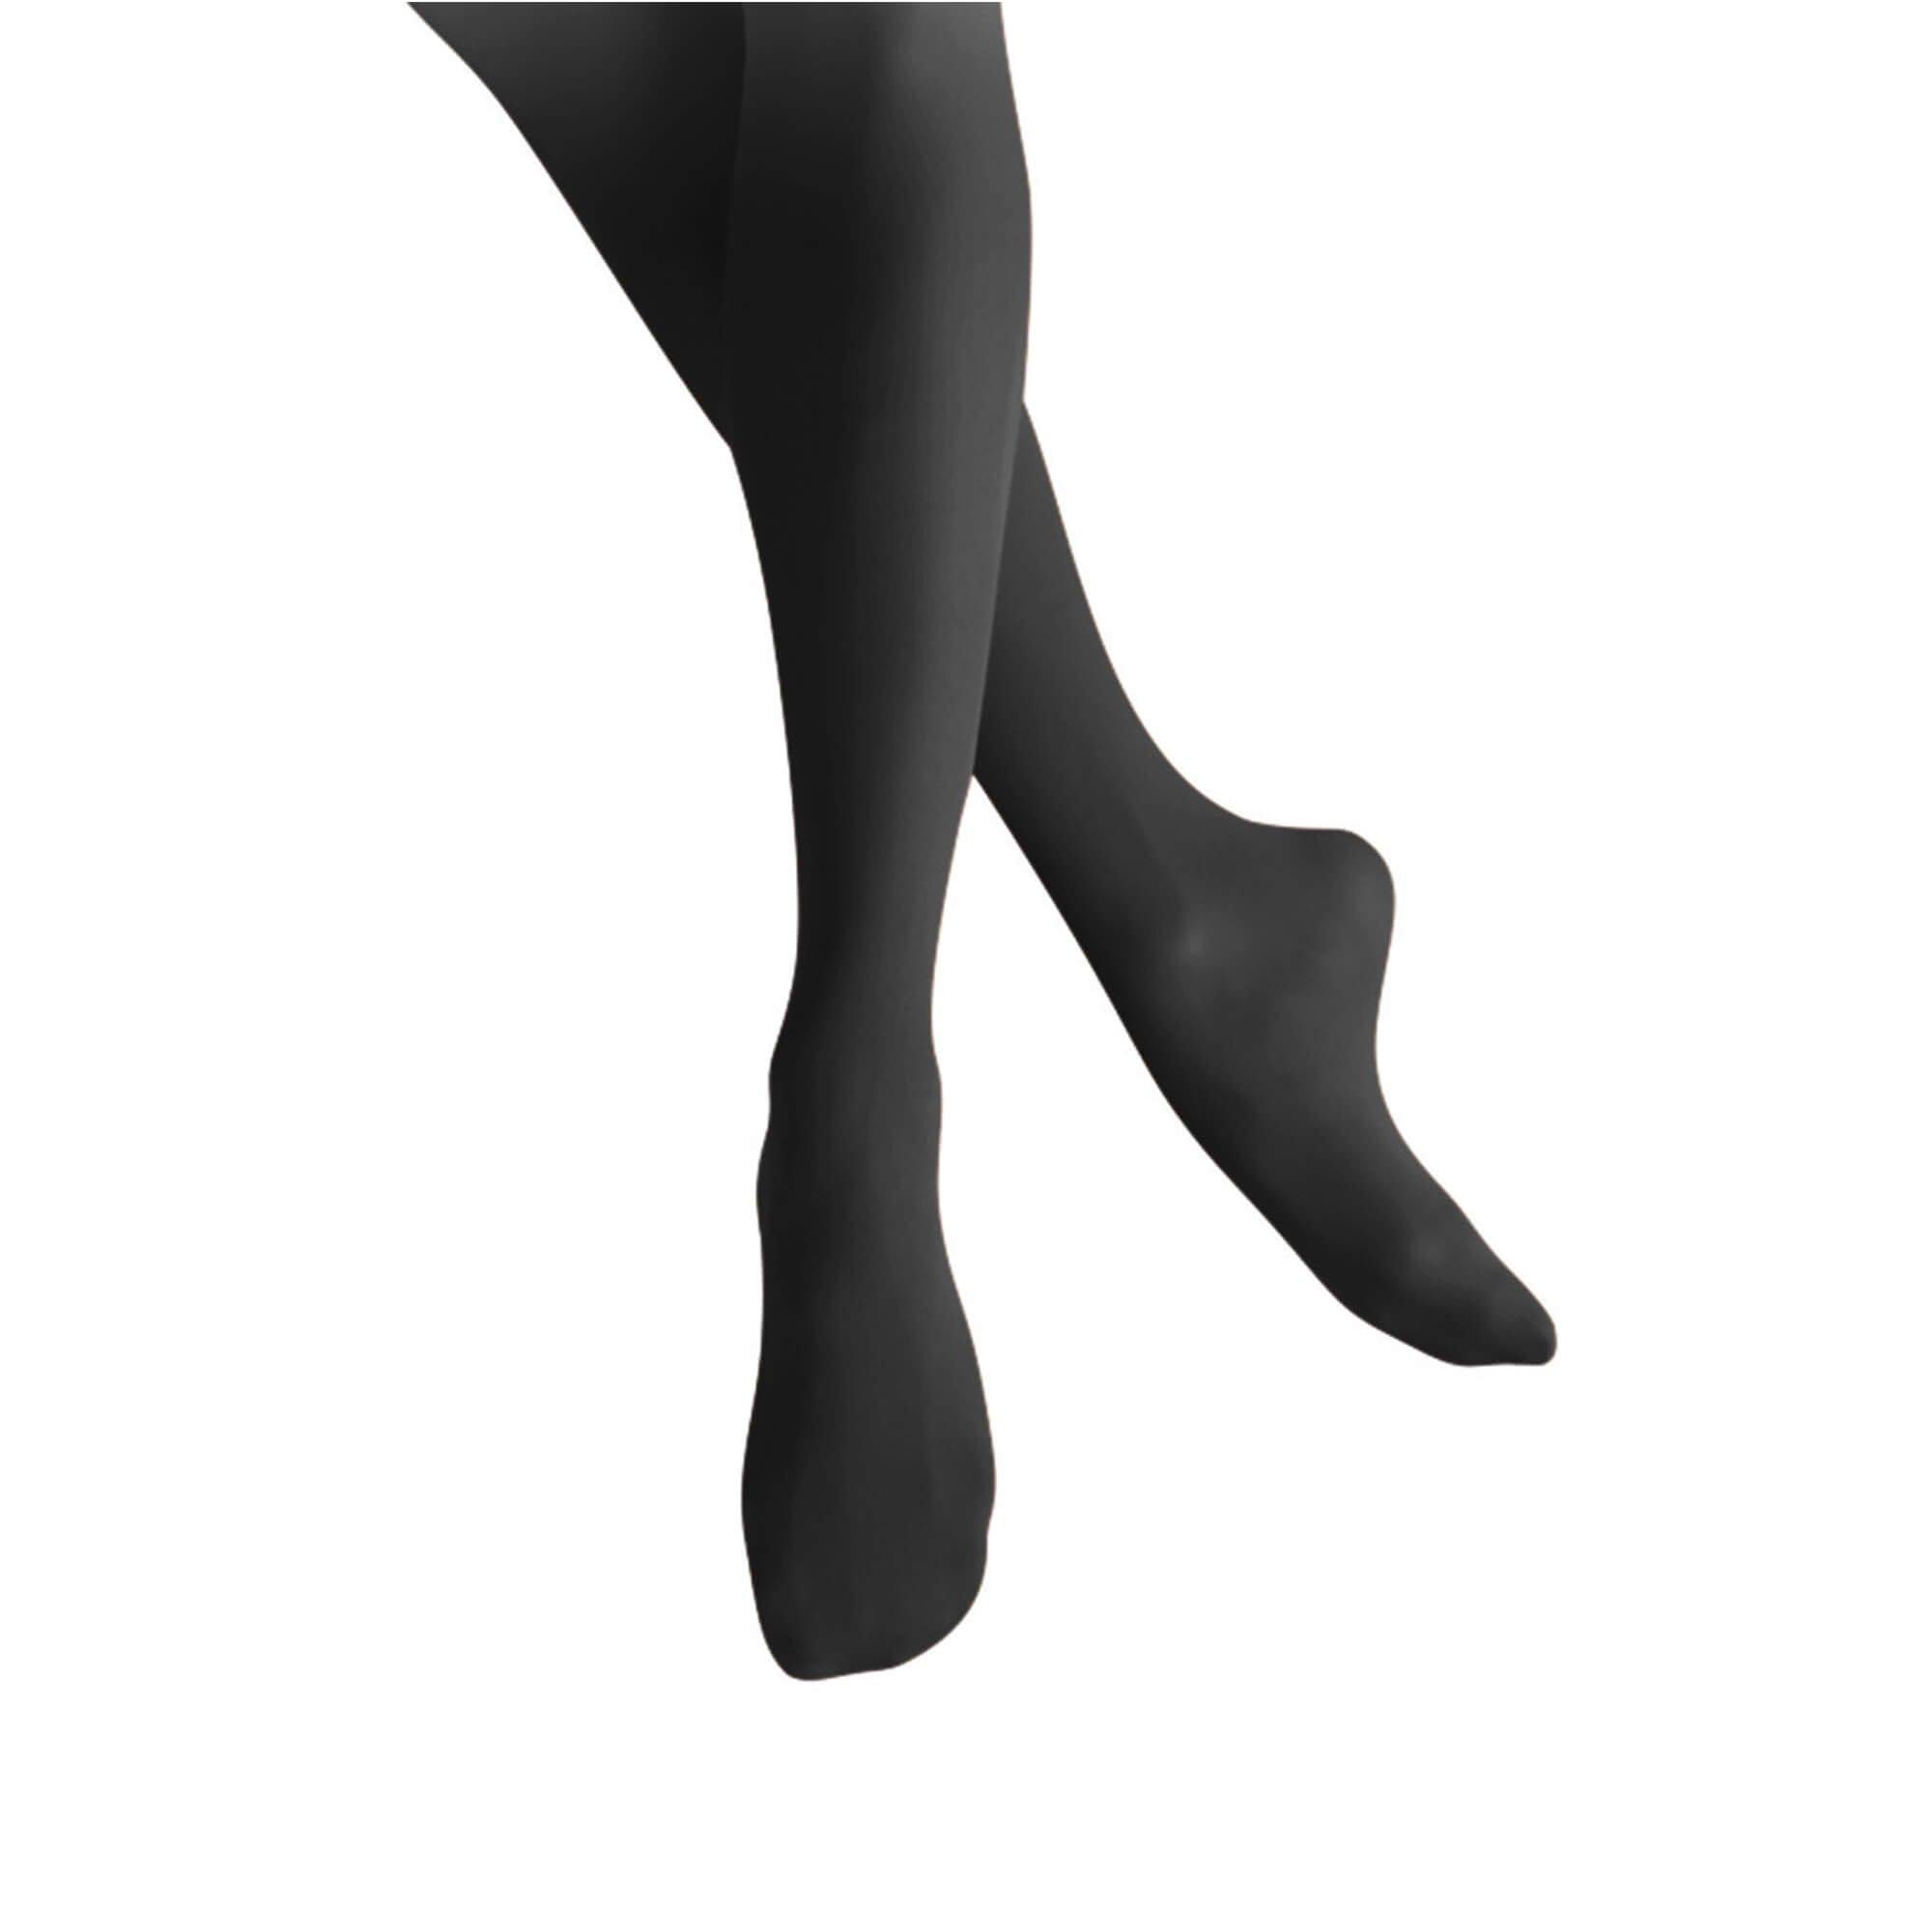 Leo's Ladies Firm Fit Full Foot Supplex Tights